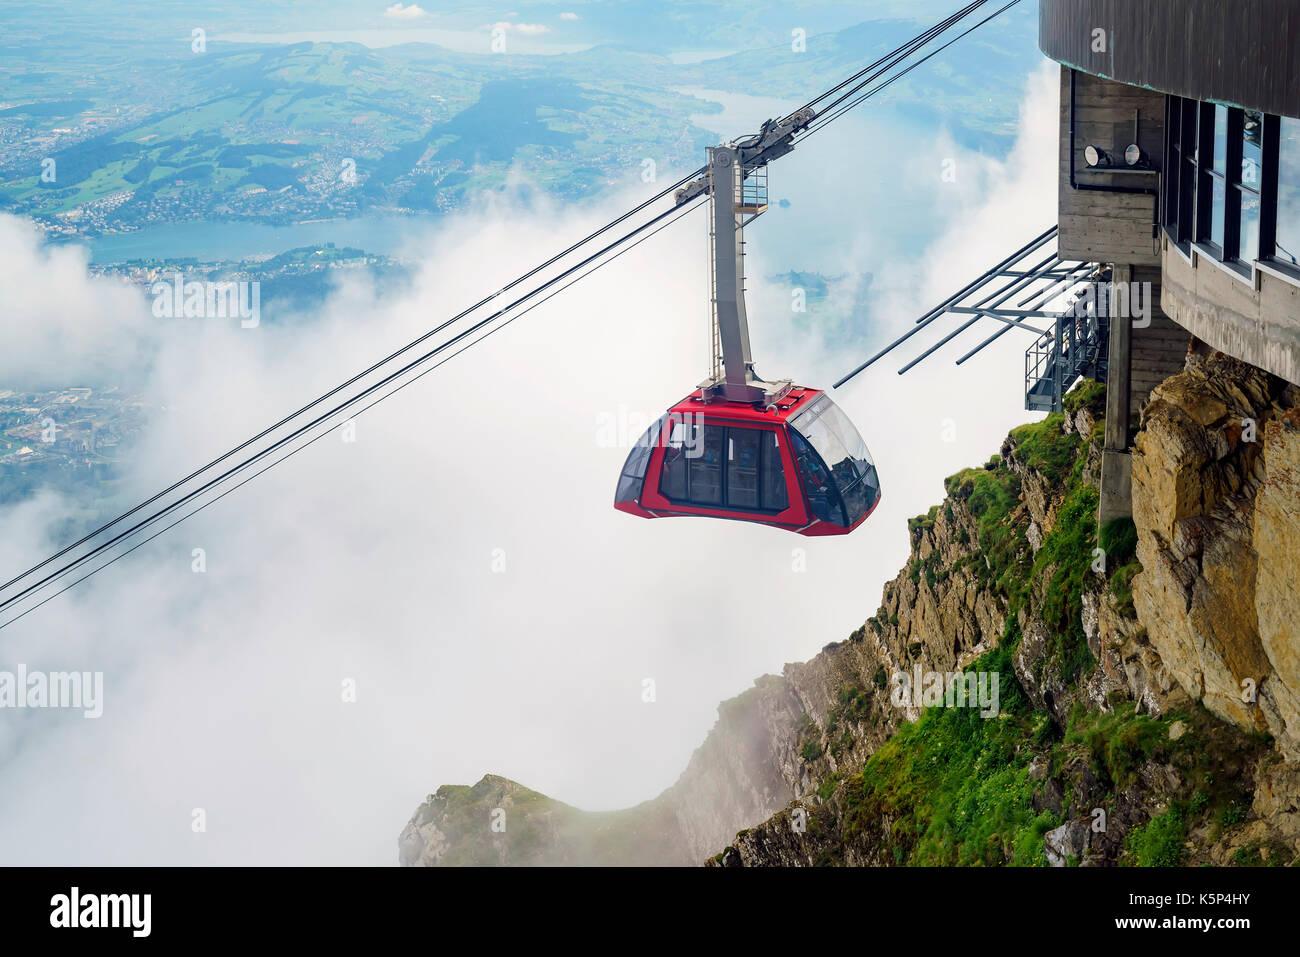 Die neue und schöne Seilbahn - Drachen Ritt auf den Pilatus, Luzern, Schweiz Stockfoto